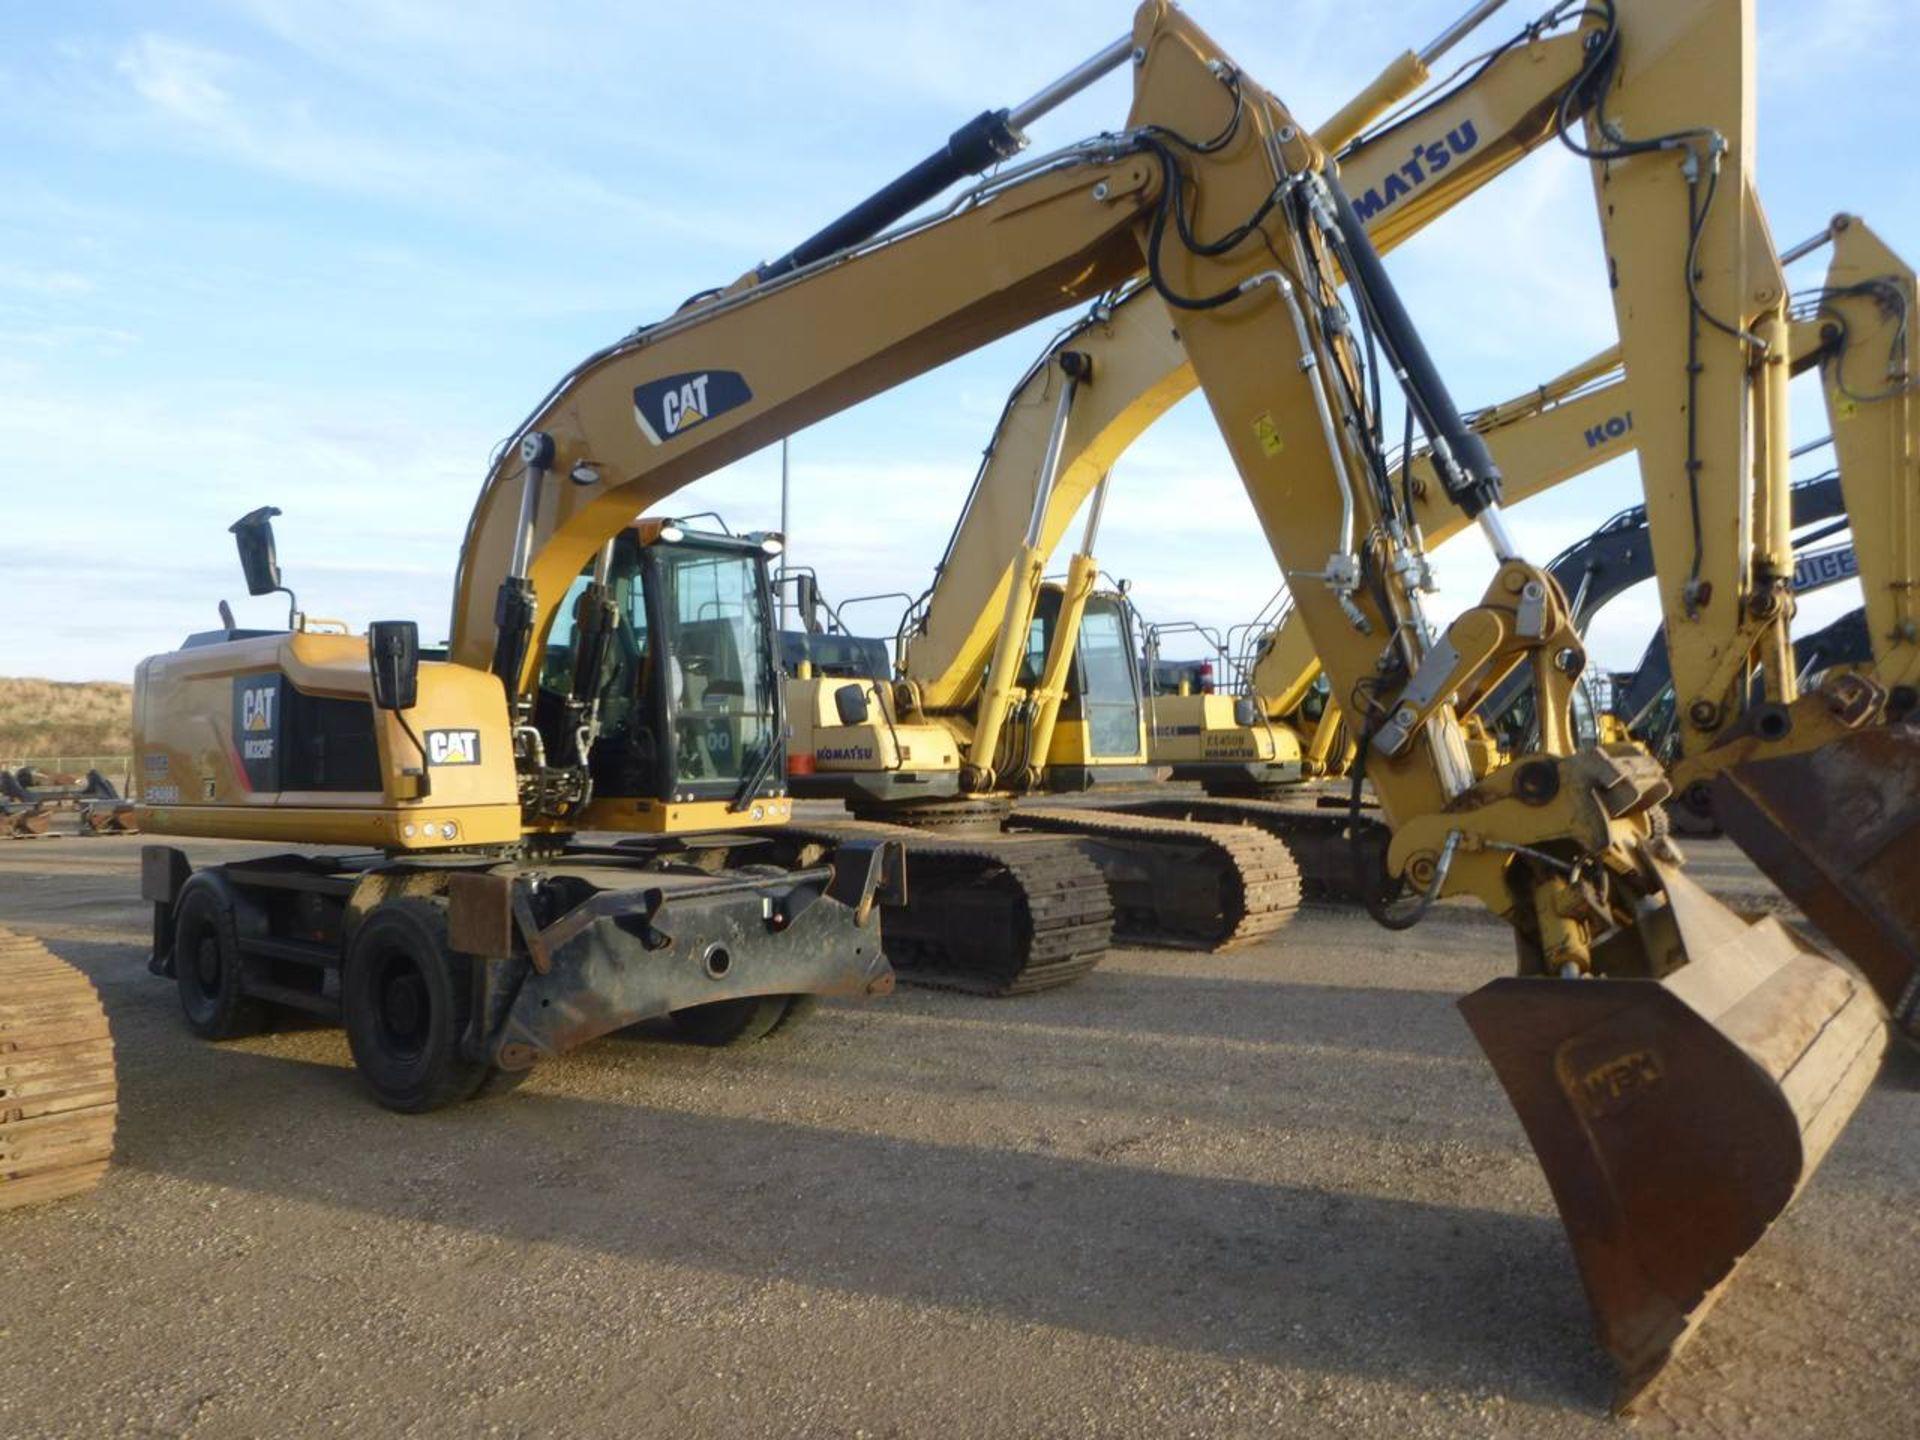 2015 Caterpillar M320F Wheel Excavator - Image 3 of 18